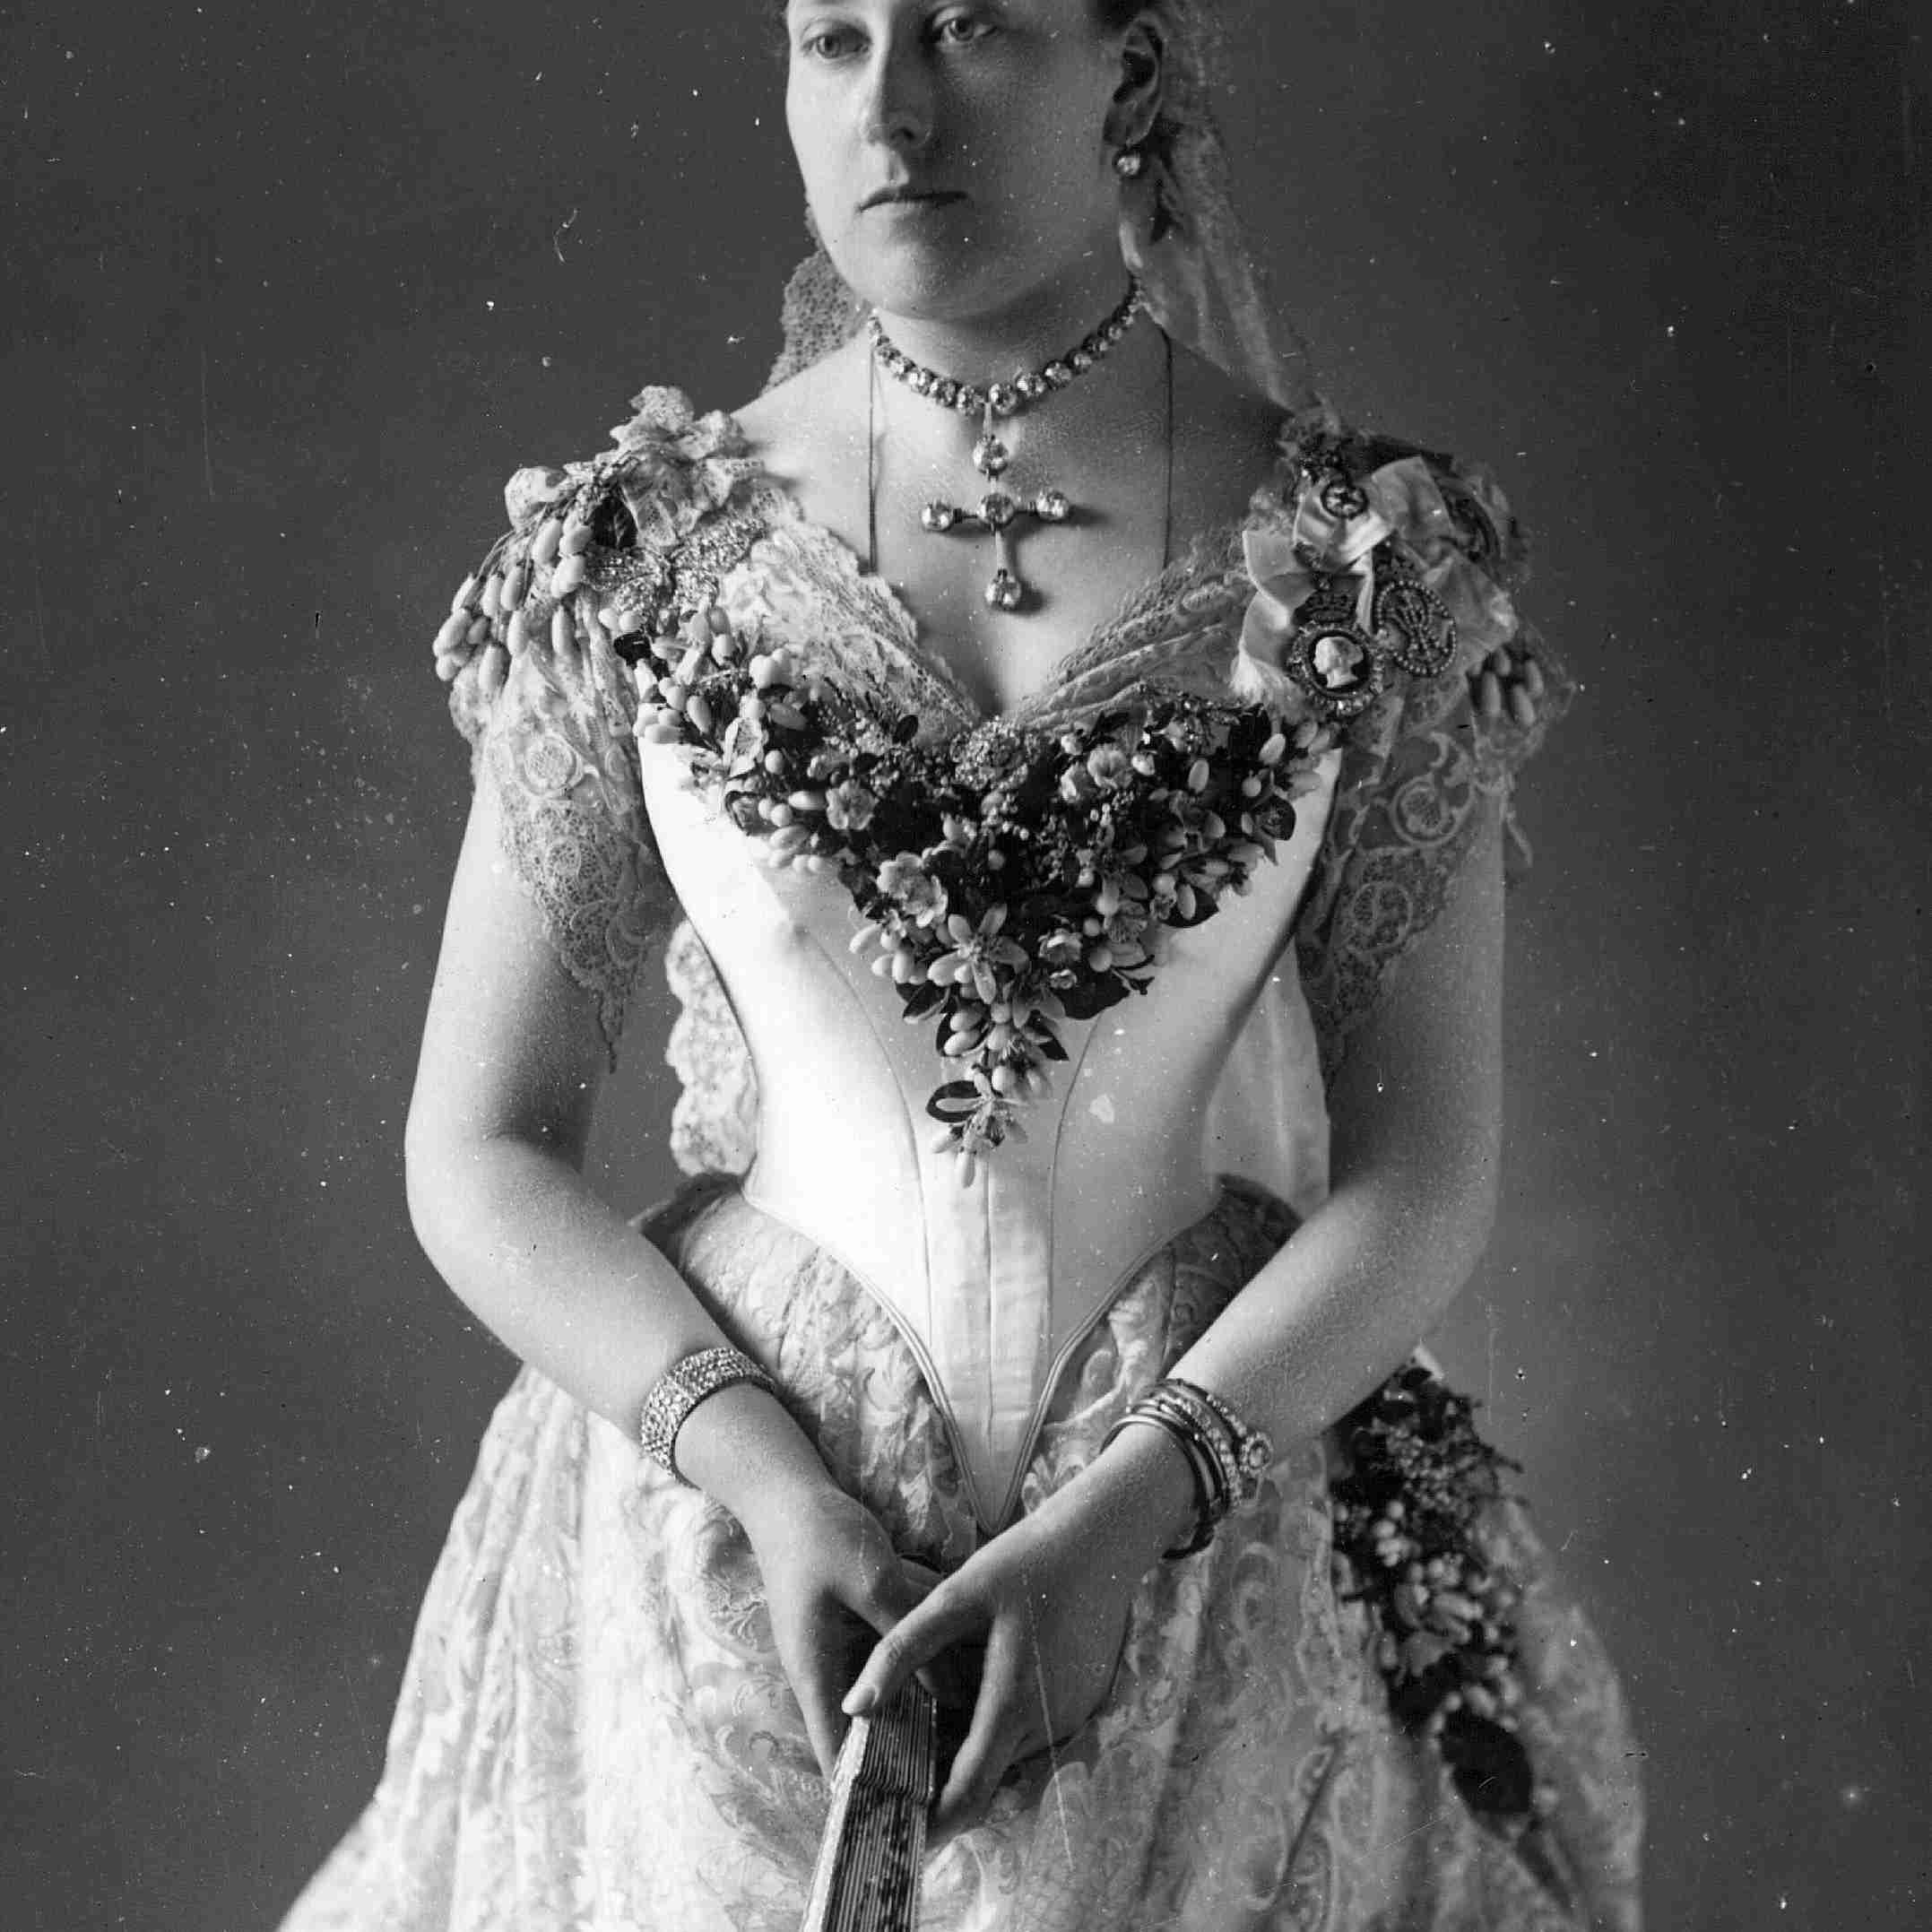 ビクトリア女王の末娘、ベアトリス王女、1885年のウェディングドレス。